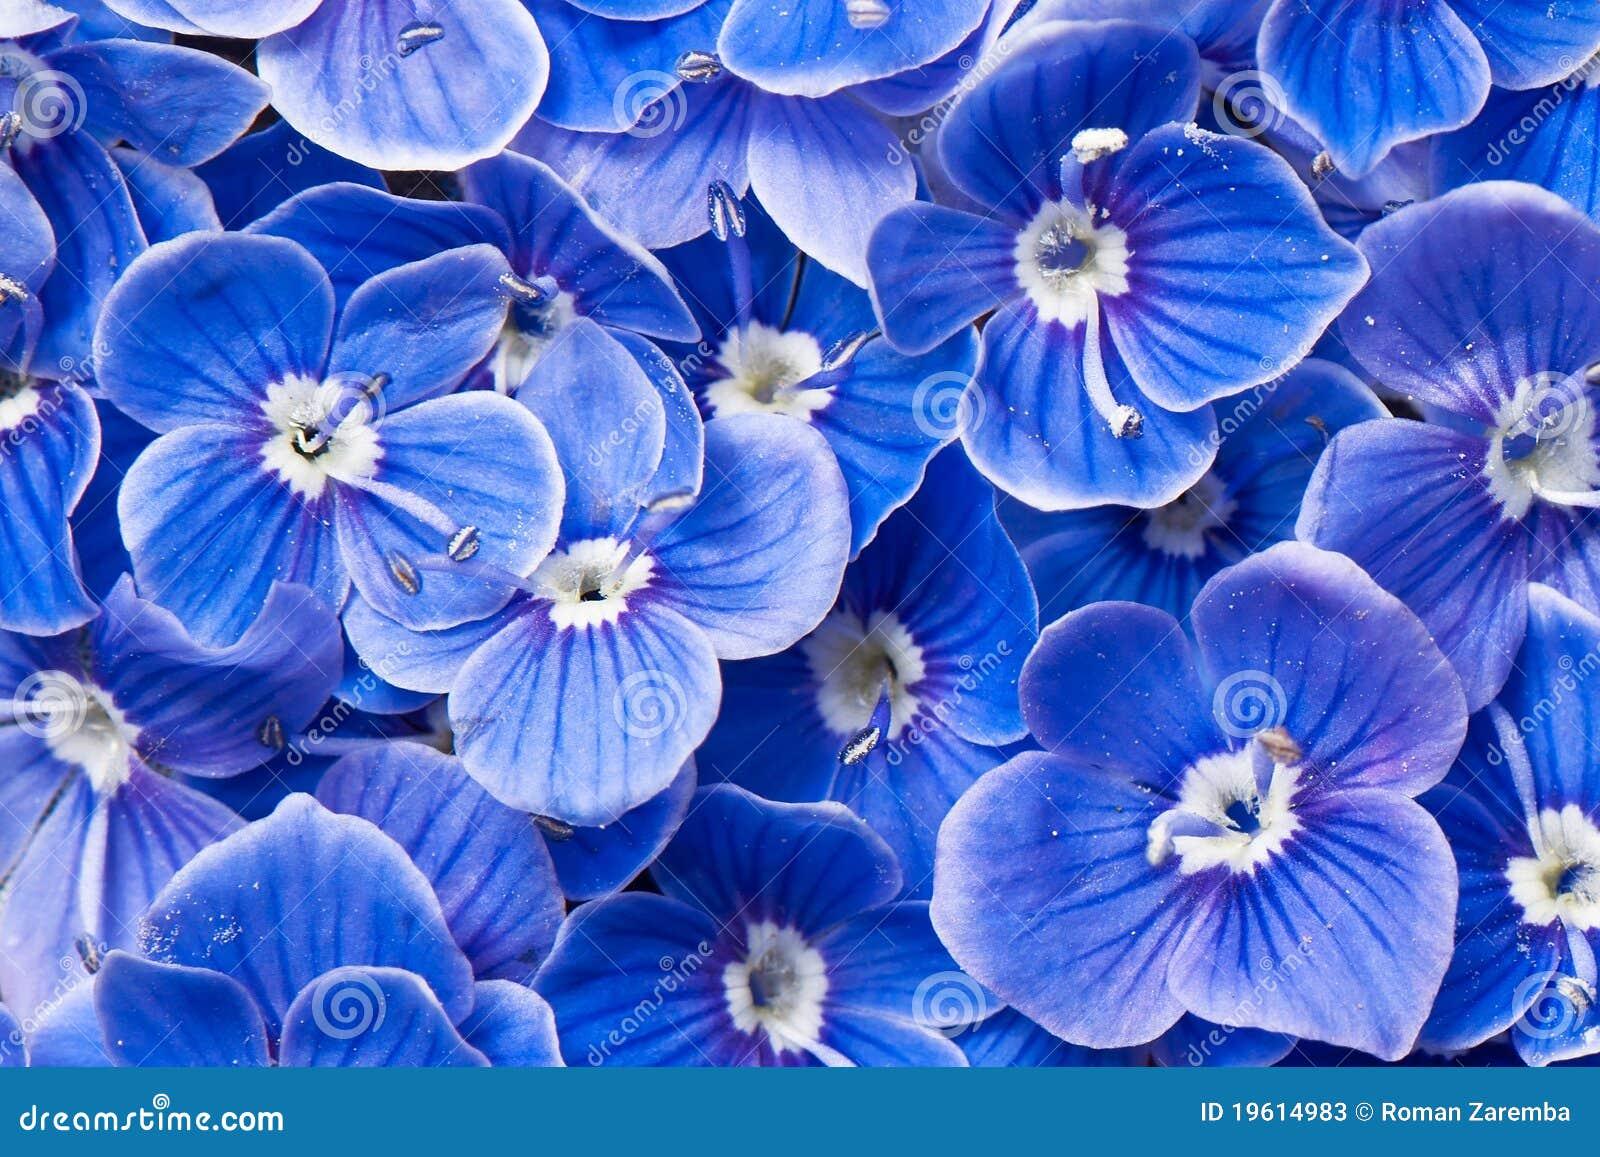 blåa blommor bilder